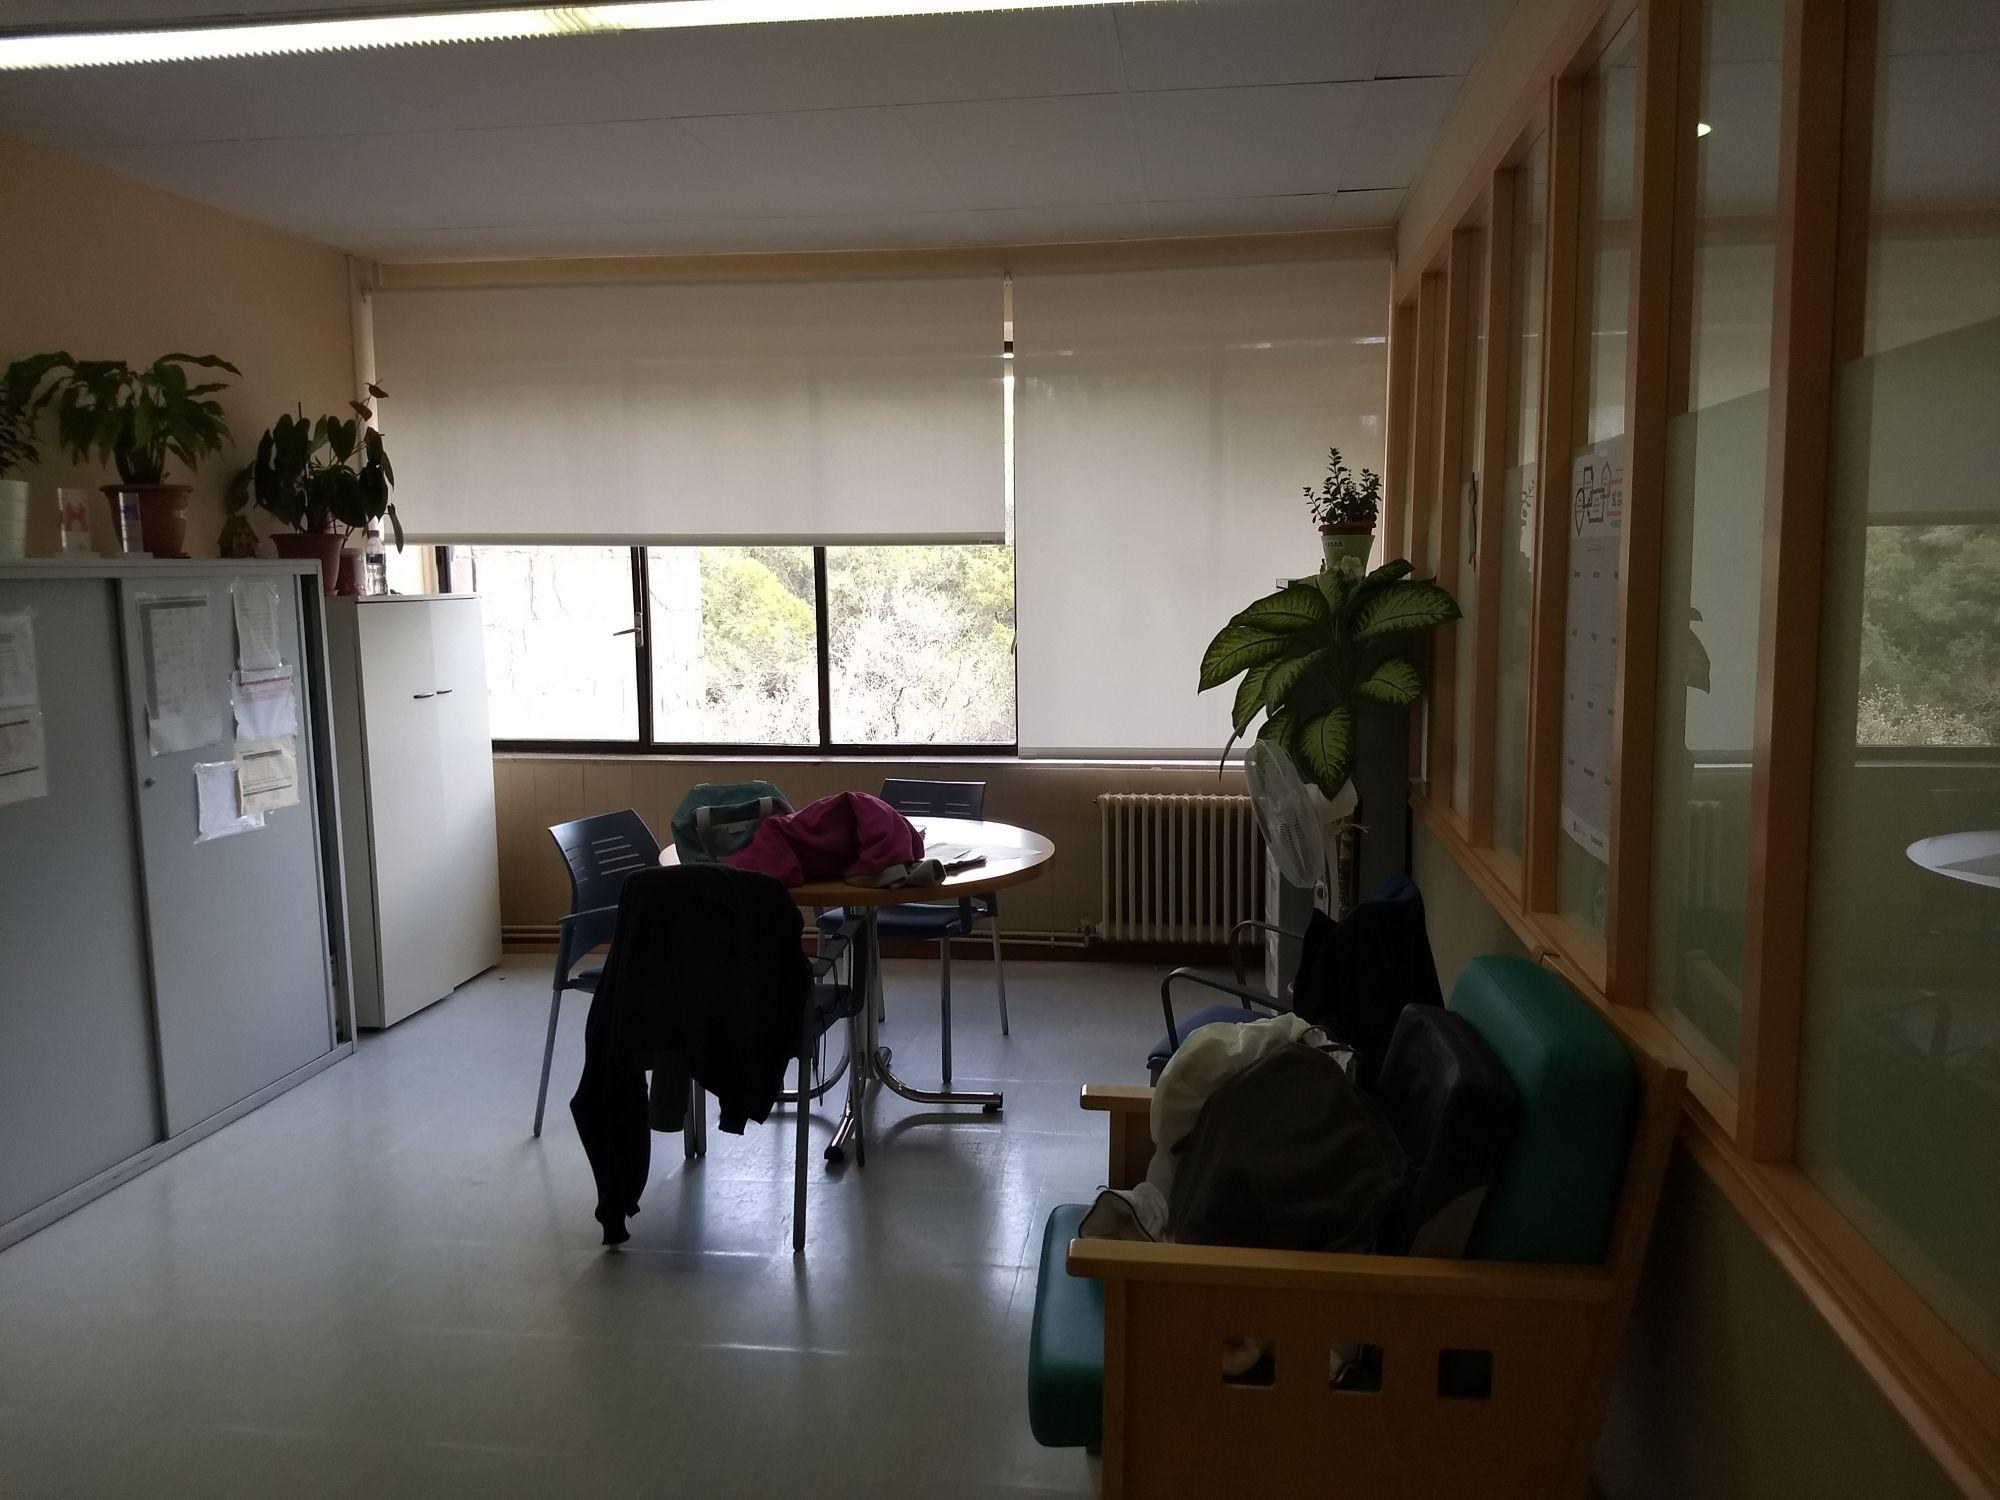 Cortinas enrollables tejido tecnico screen en sala de residencia de ancianos